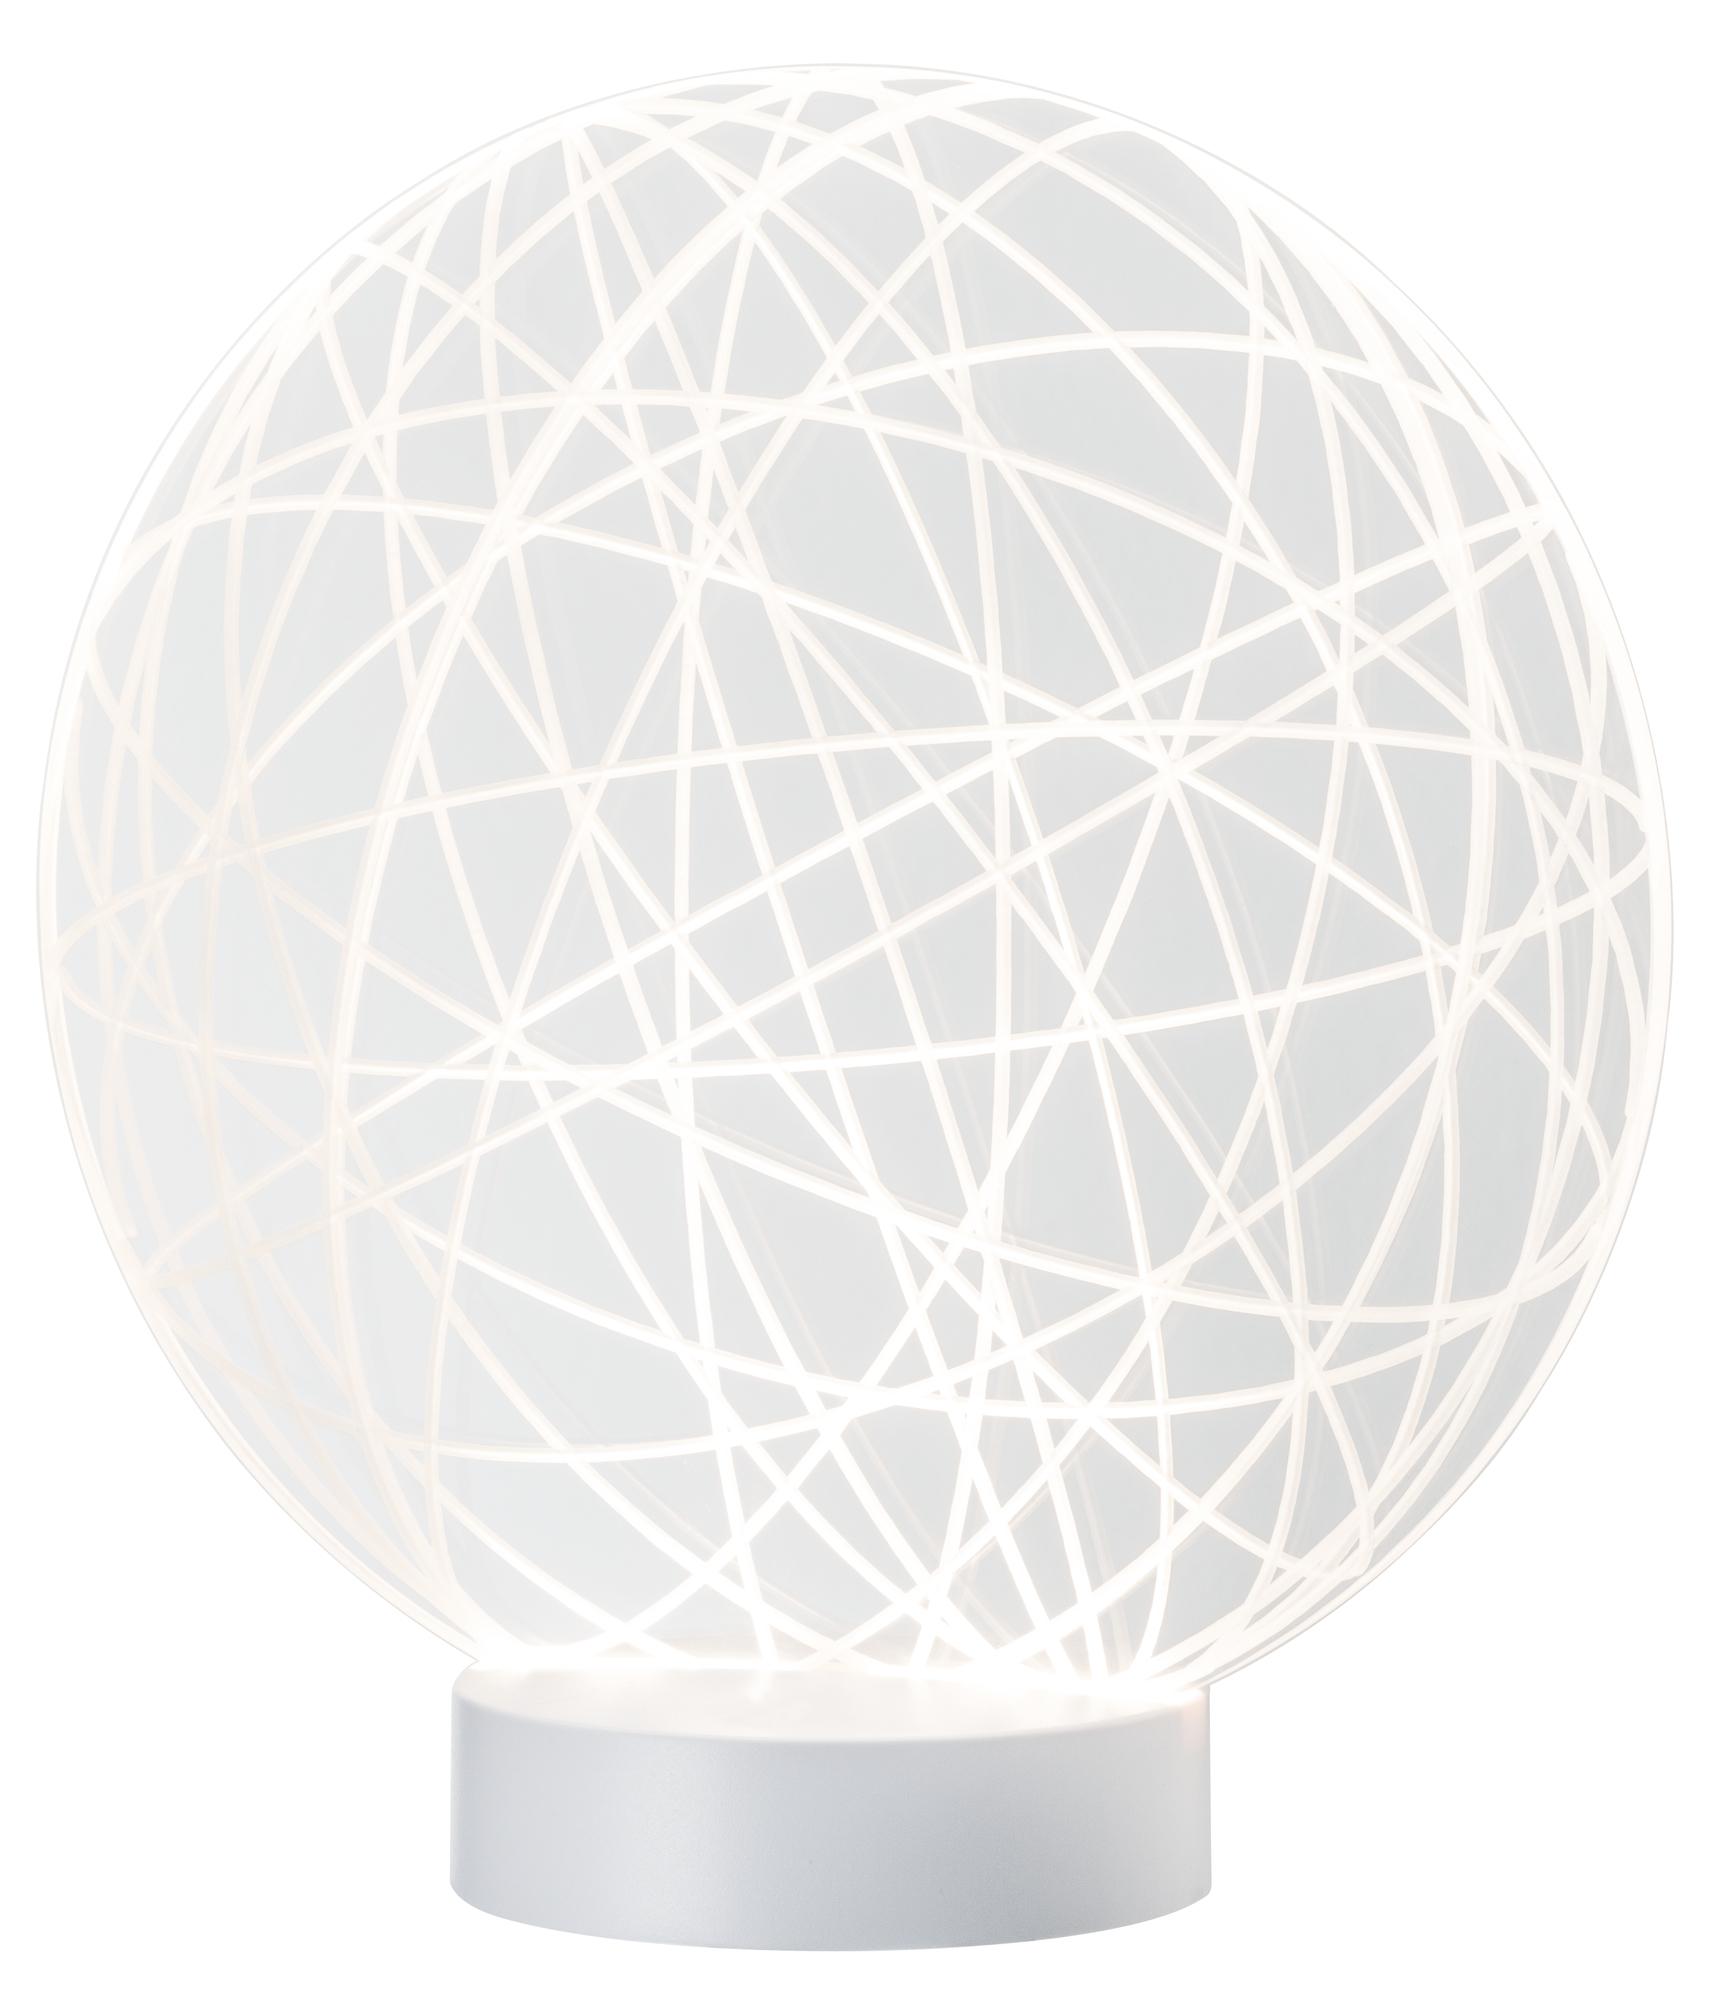 Плафон Paulmann 3D Wool Glass 79533, прозрачный, пластик - фото 3